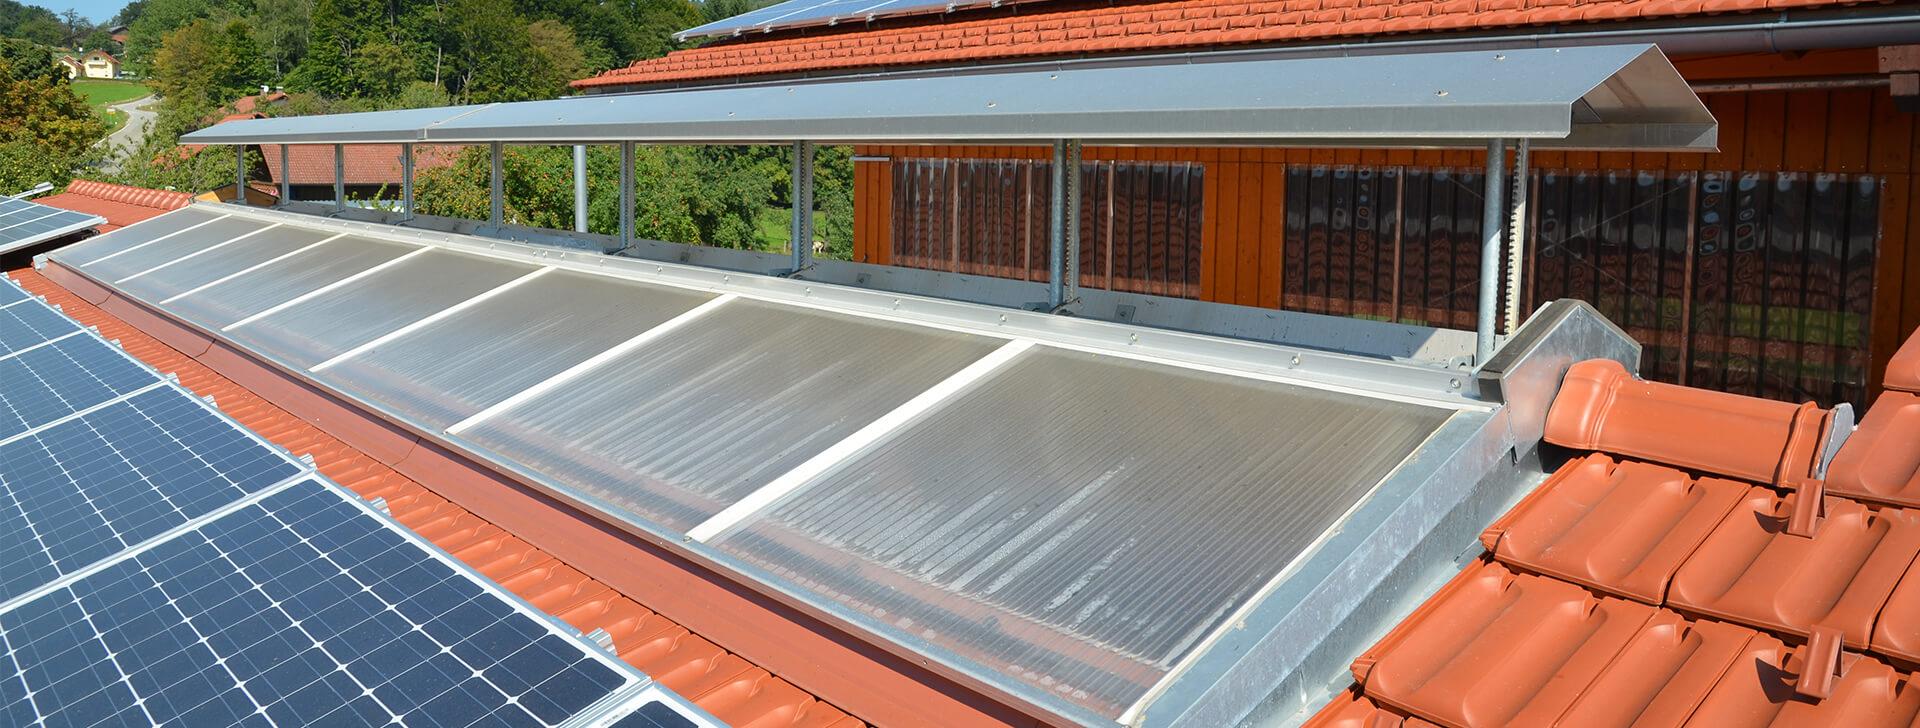 lüftung und belichtung dach - agrarbau, hallenbau, wolf system